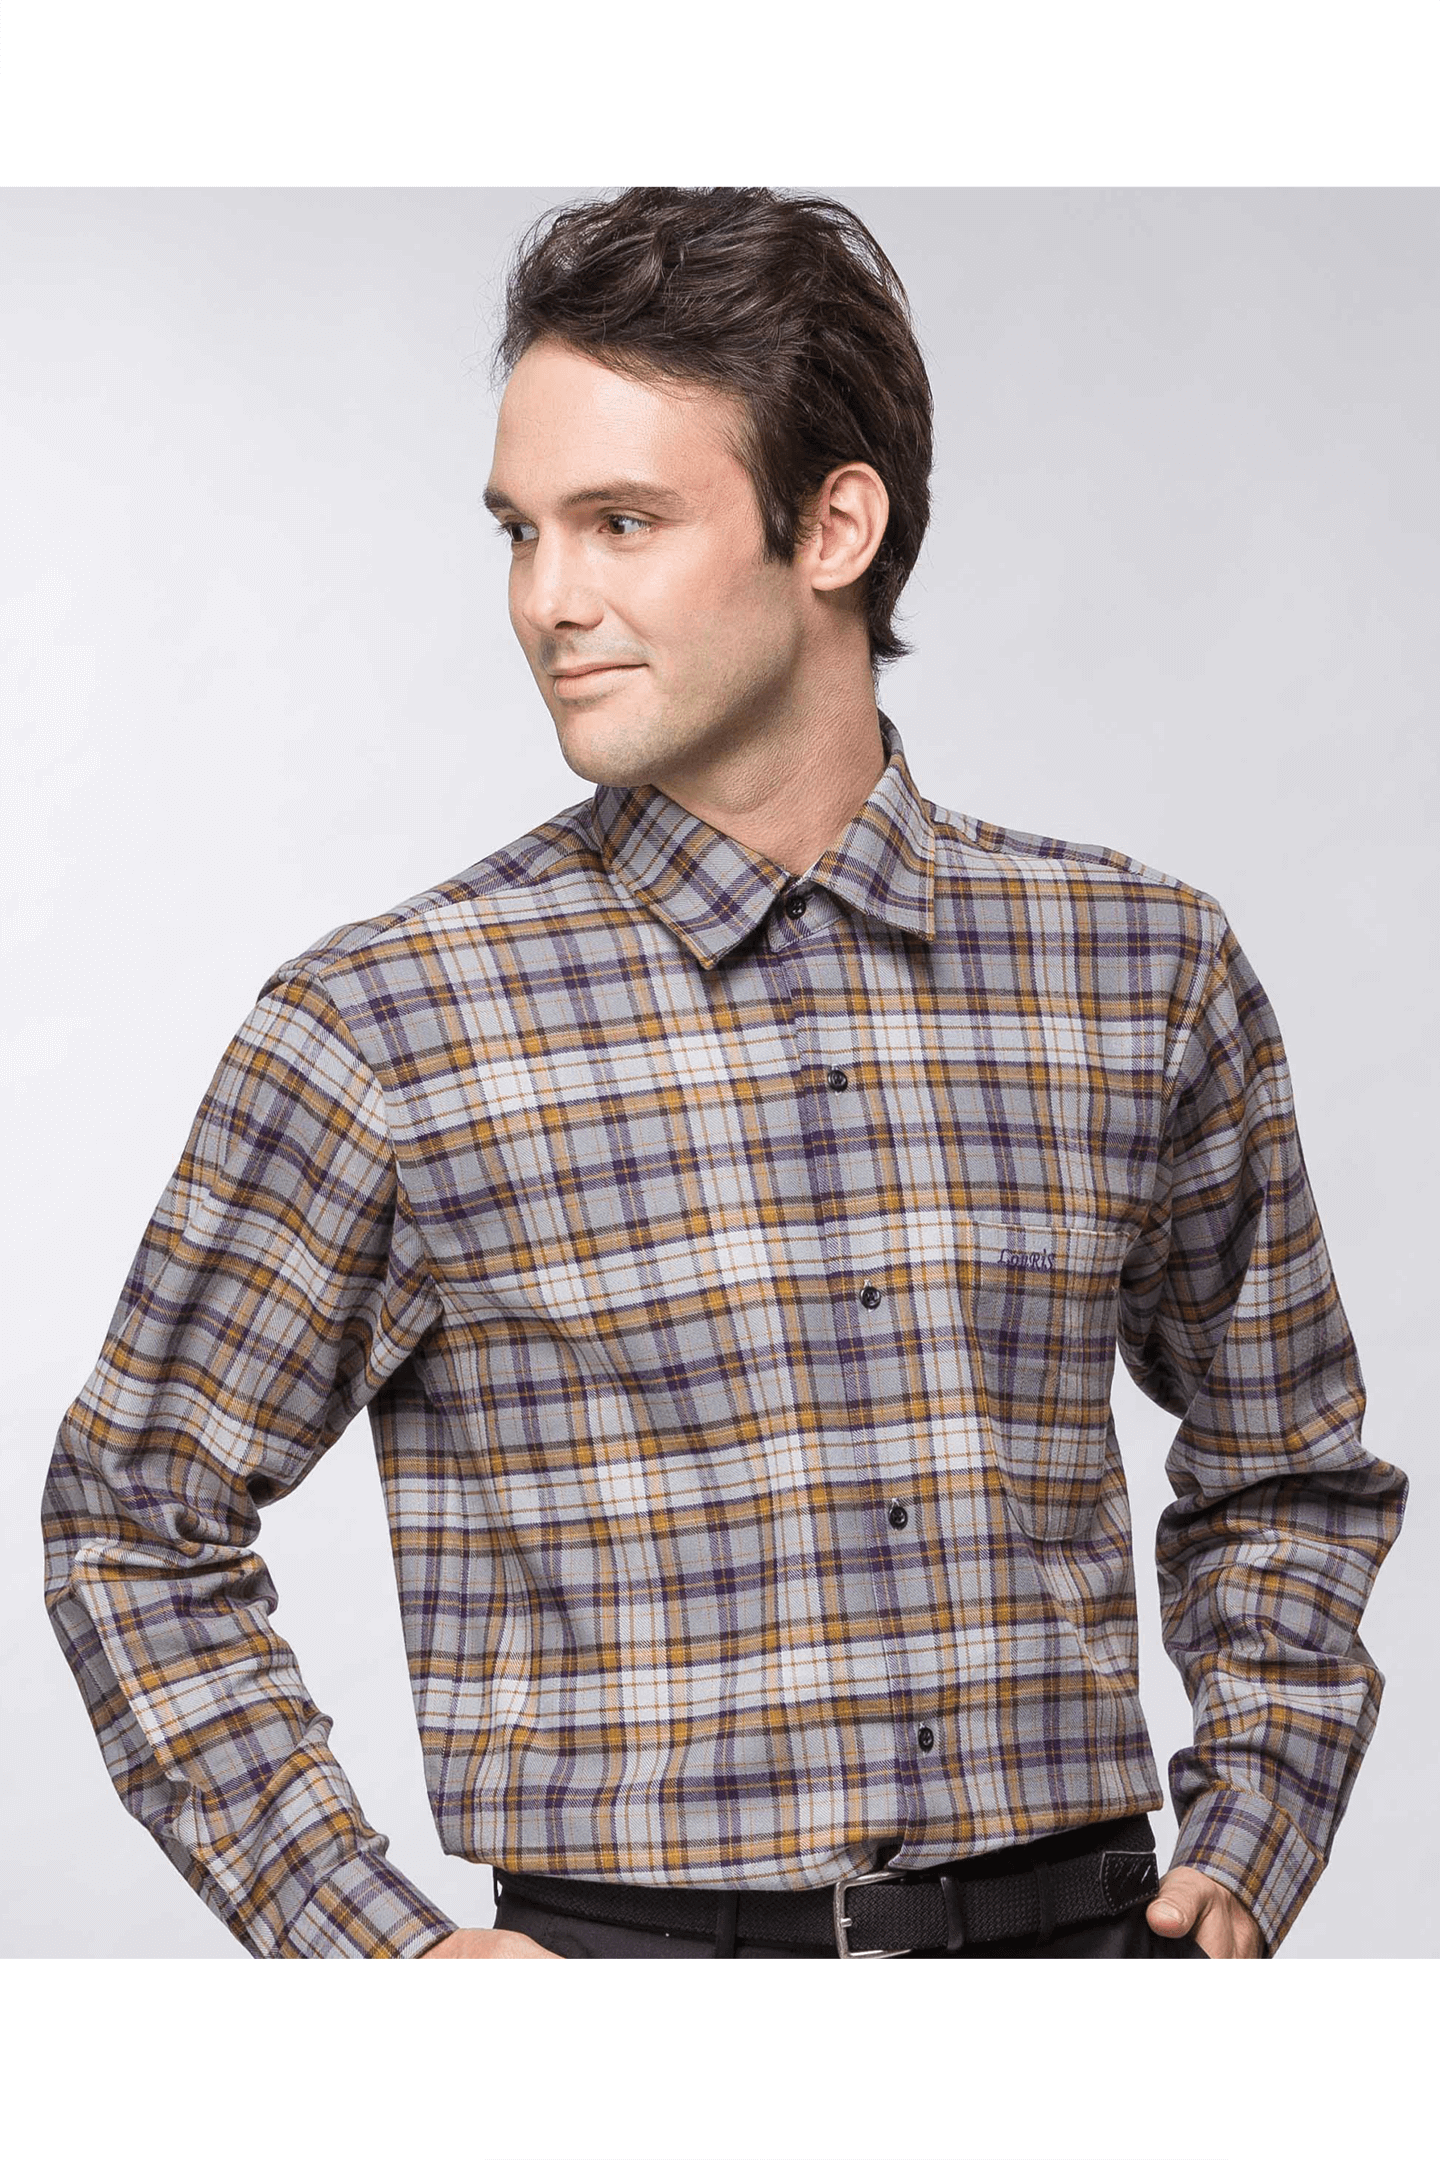 雙色格紋保暖長袖襯衫(紫黃 ) / 保暖 舒適透氣